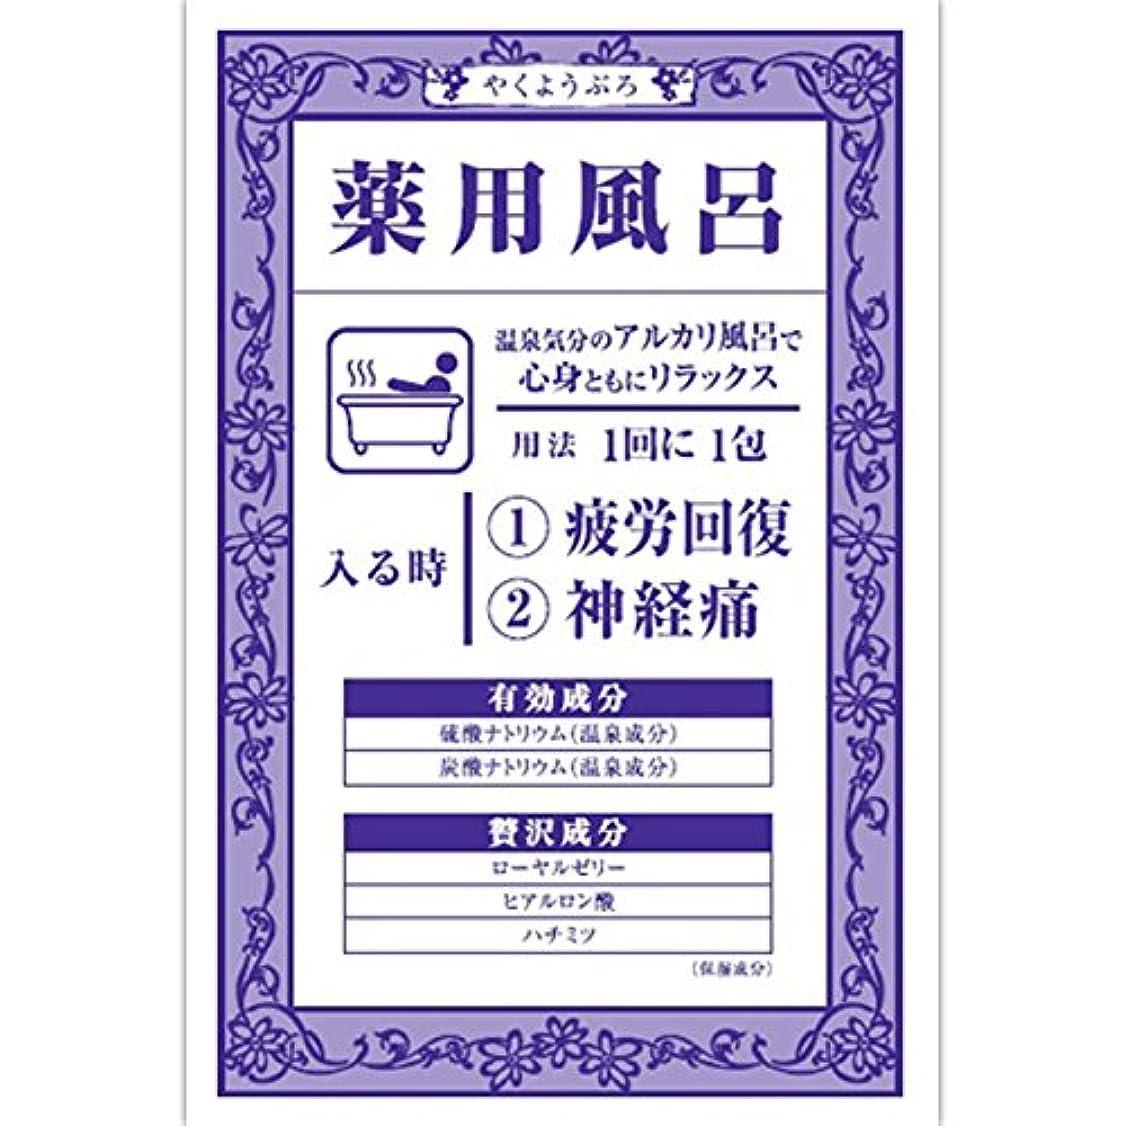 オーガニックミネラル寝具大山 薬用風呂KKd(疲労回復?神経痛) 40G(医薬部外品)